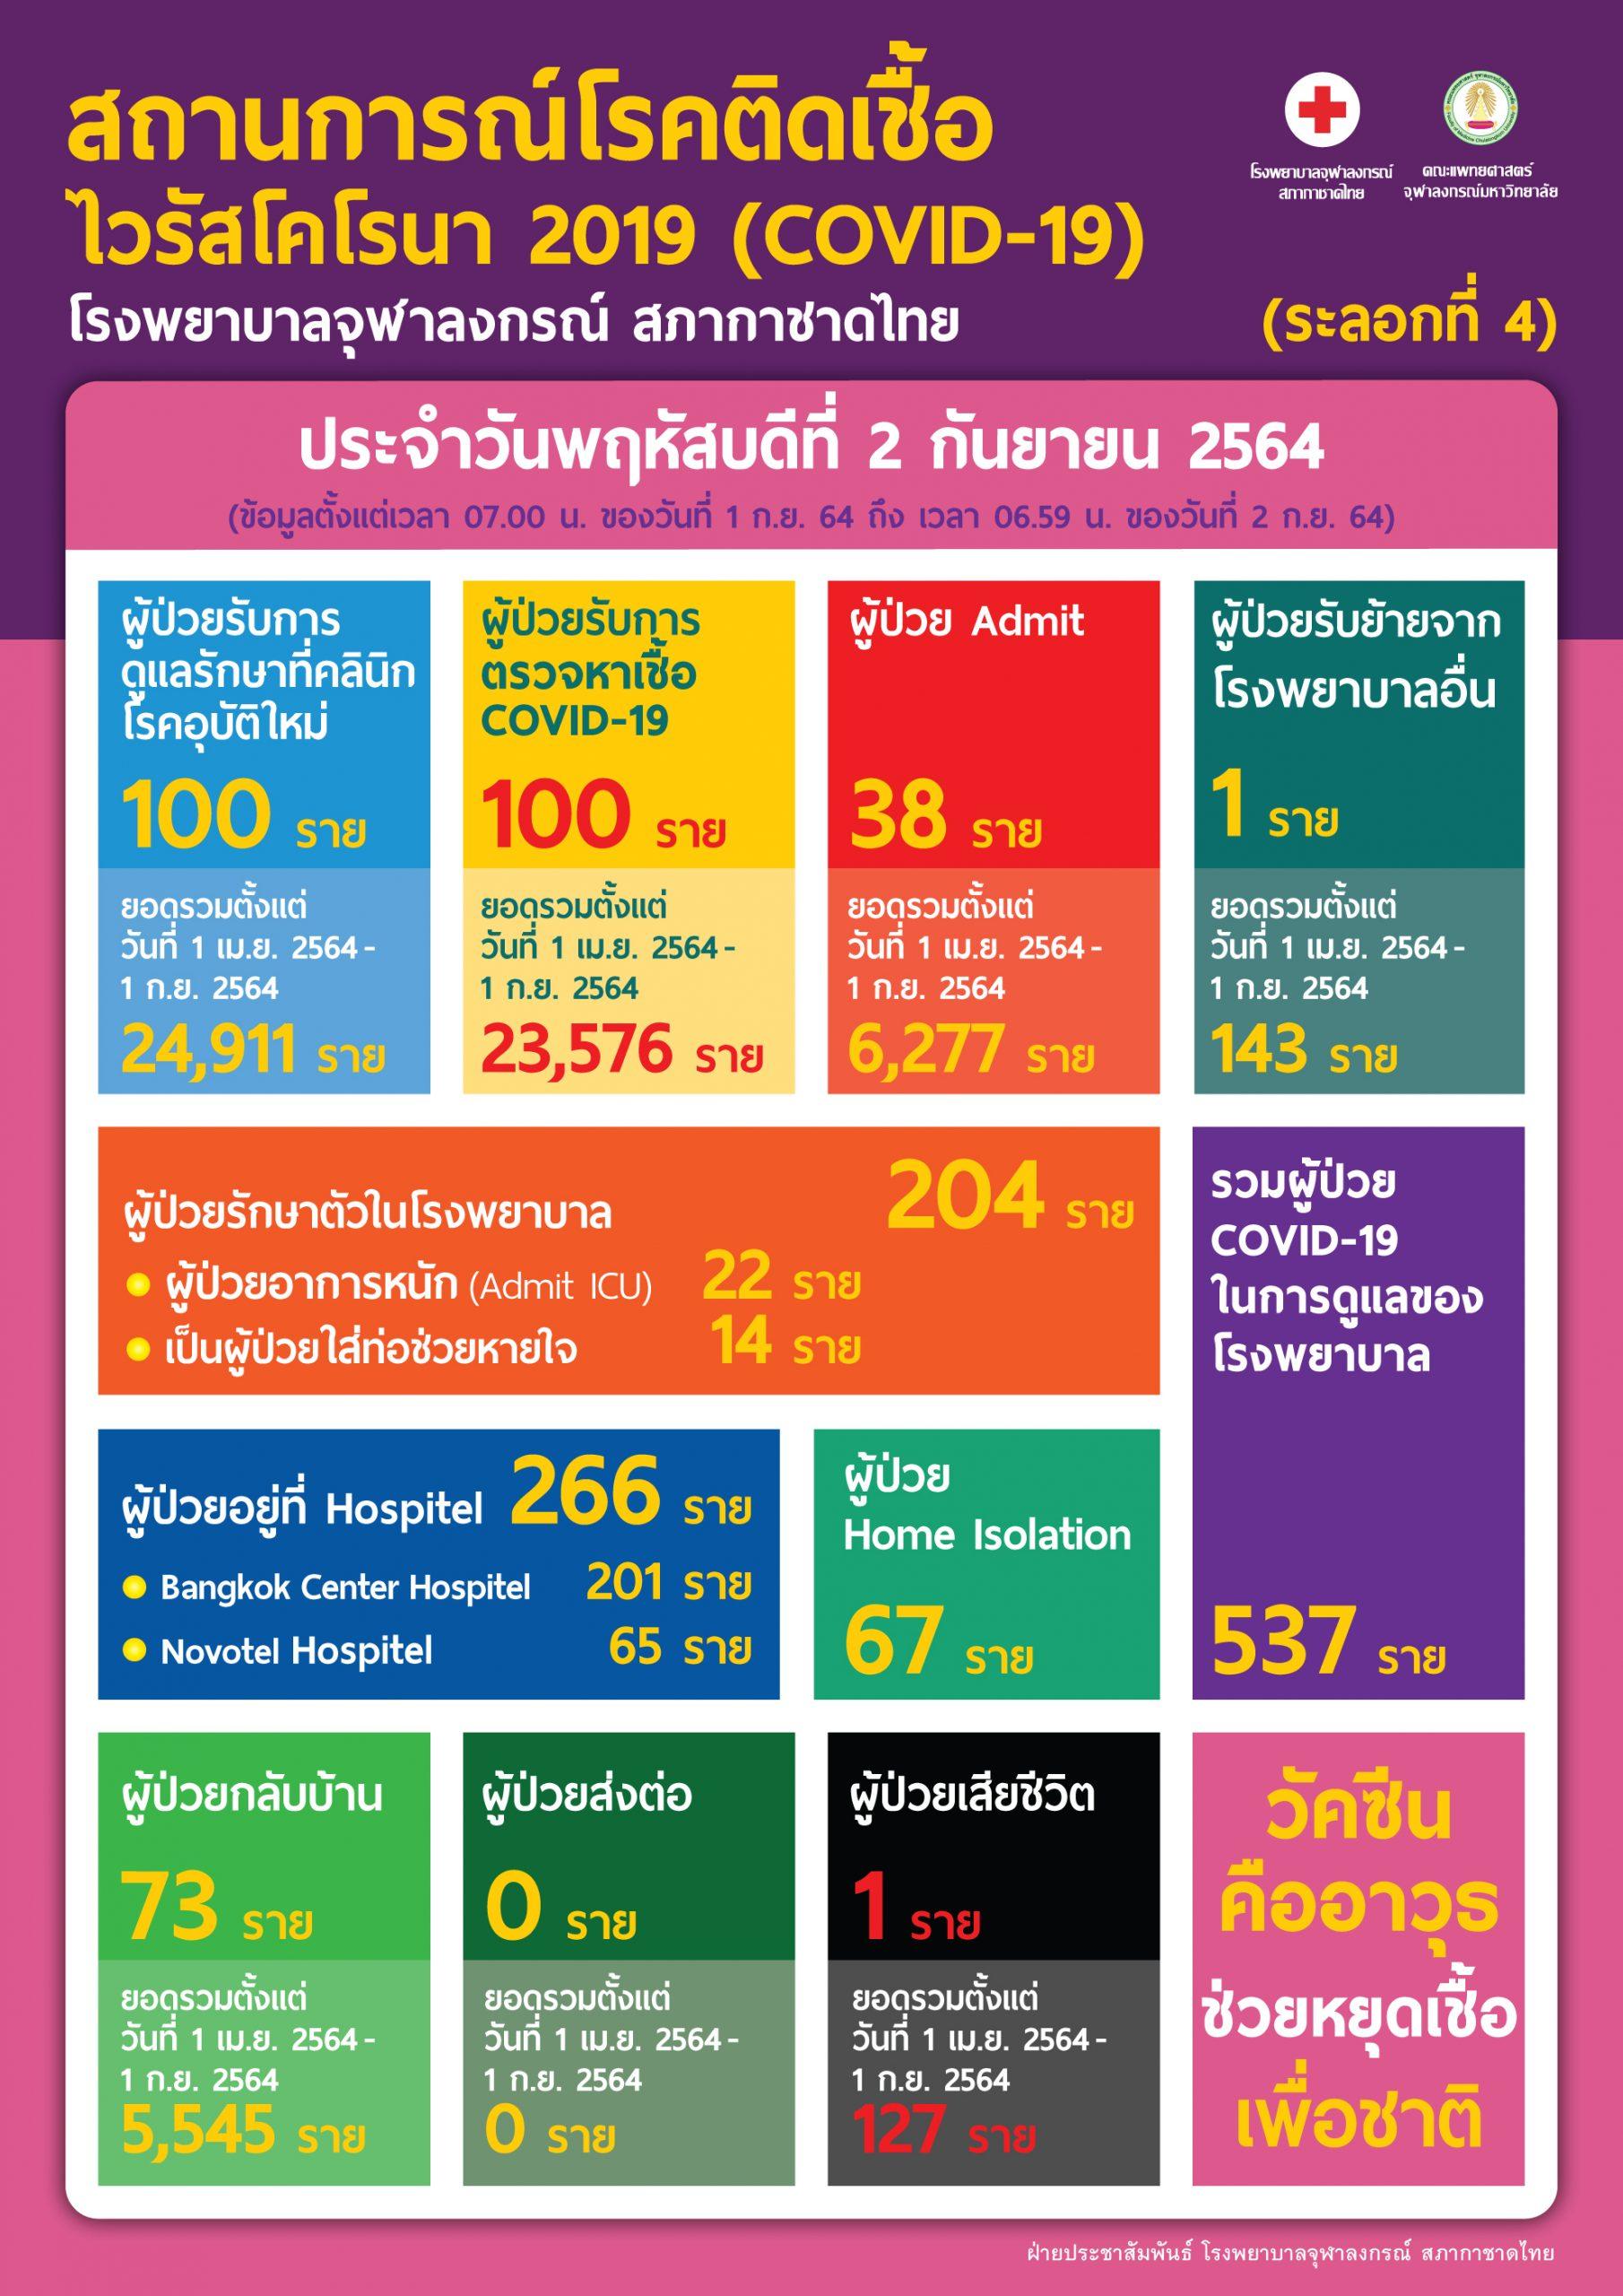 สถานการณ์โรคติดเชื้อไวรัสโคโรนา 2019 (COVID-19) (ระลอกที่ 4) โรงพยาบาลจุฬาลงกรณ์ สภากาชาดไทย  ประจำวันพฤหัสบดีที่ 2 กันยายน 2564